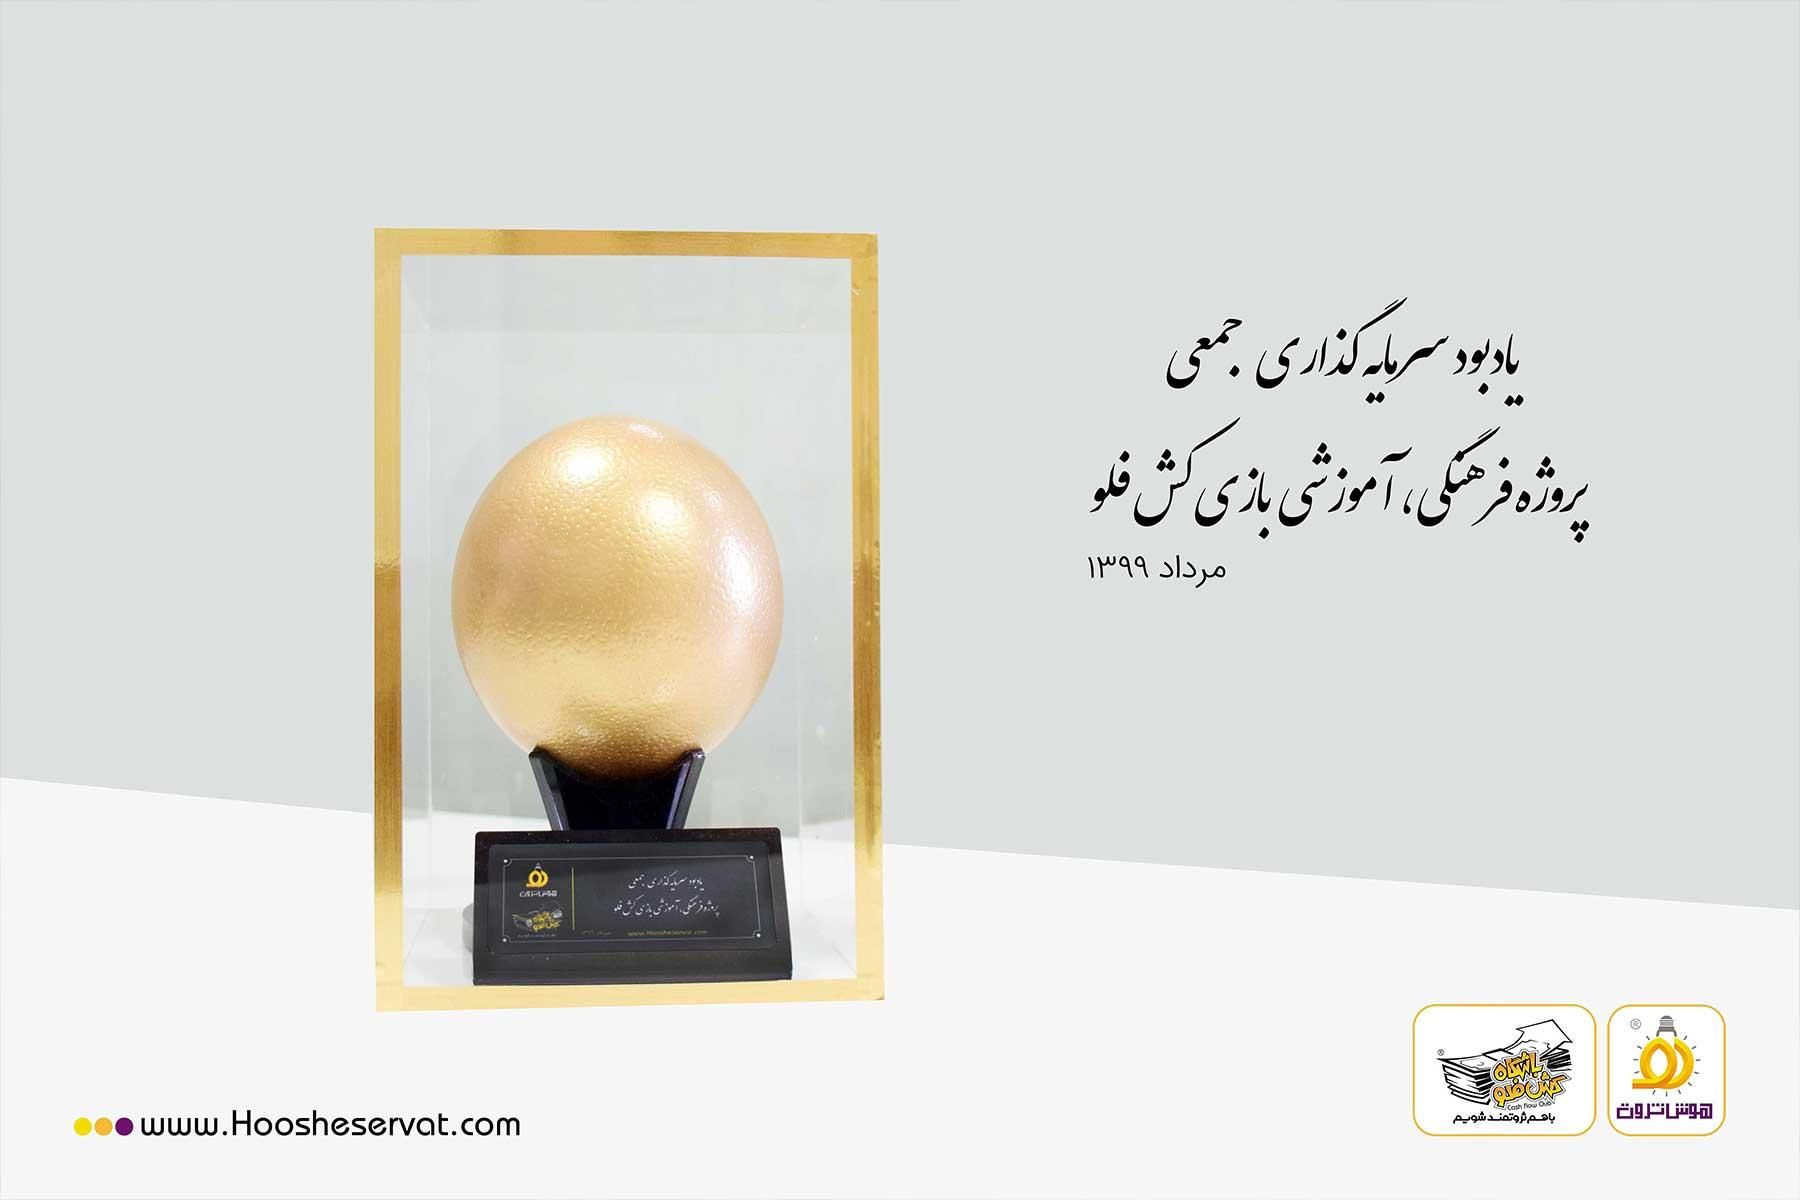 تندیس تخم طلا یادبود مراسم سالگرد سرمایه گذاری جمعی در پروژه فرهنگی آموزشی بازی کش فلو